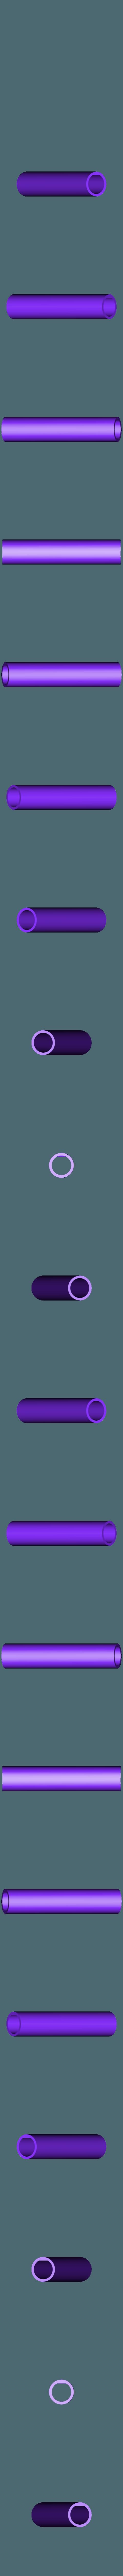 Bore (120mm).STL Download free STL file Silencer (Suppressor) • 3D printable design, 3dcave